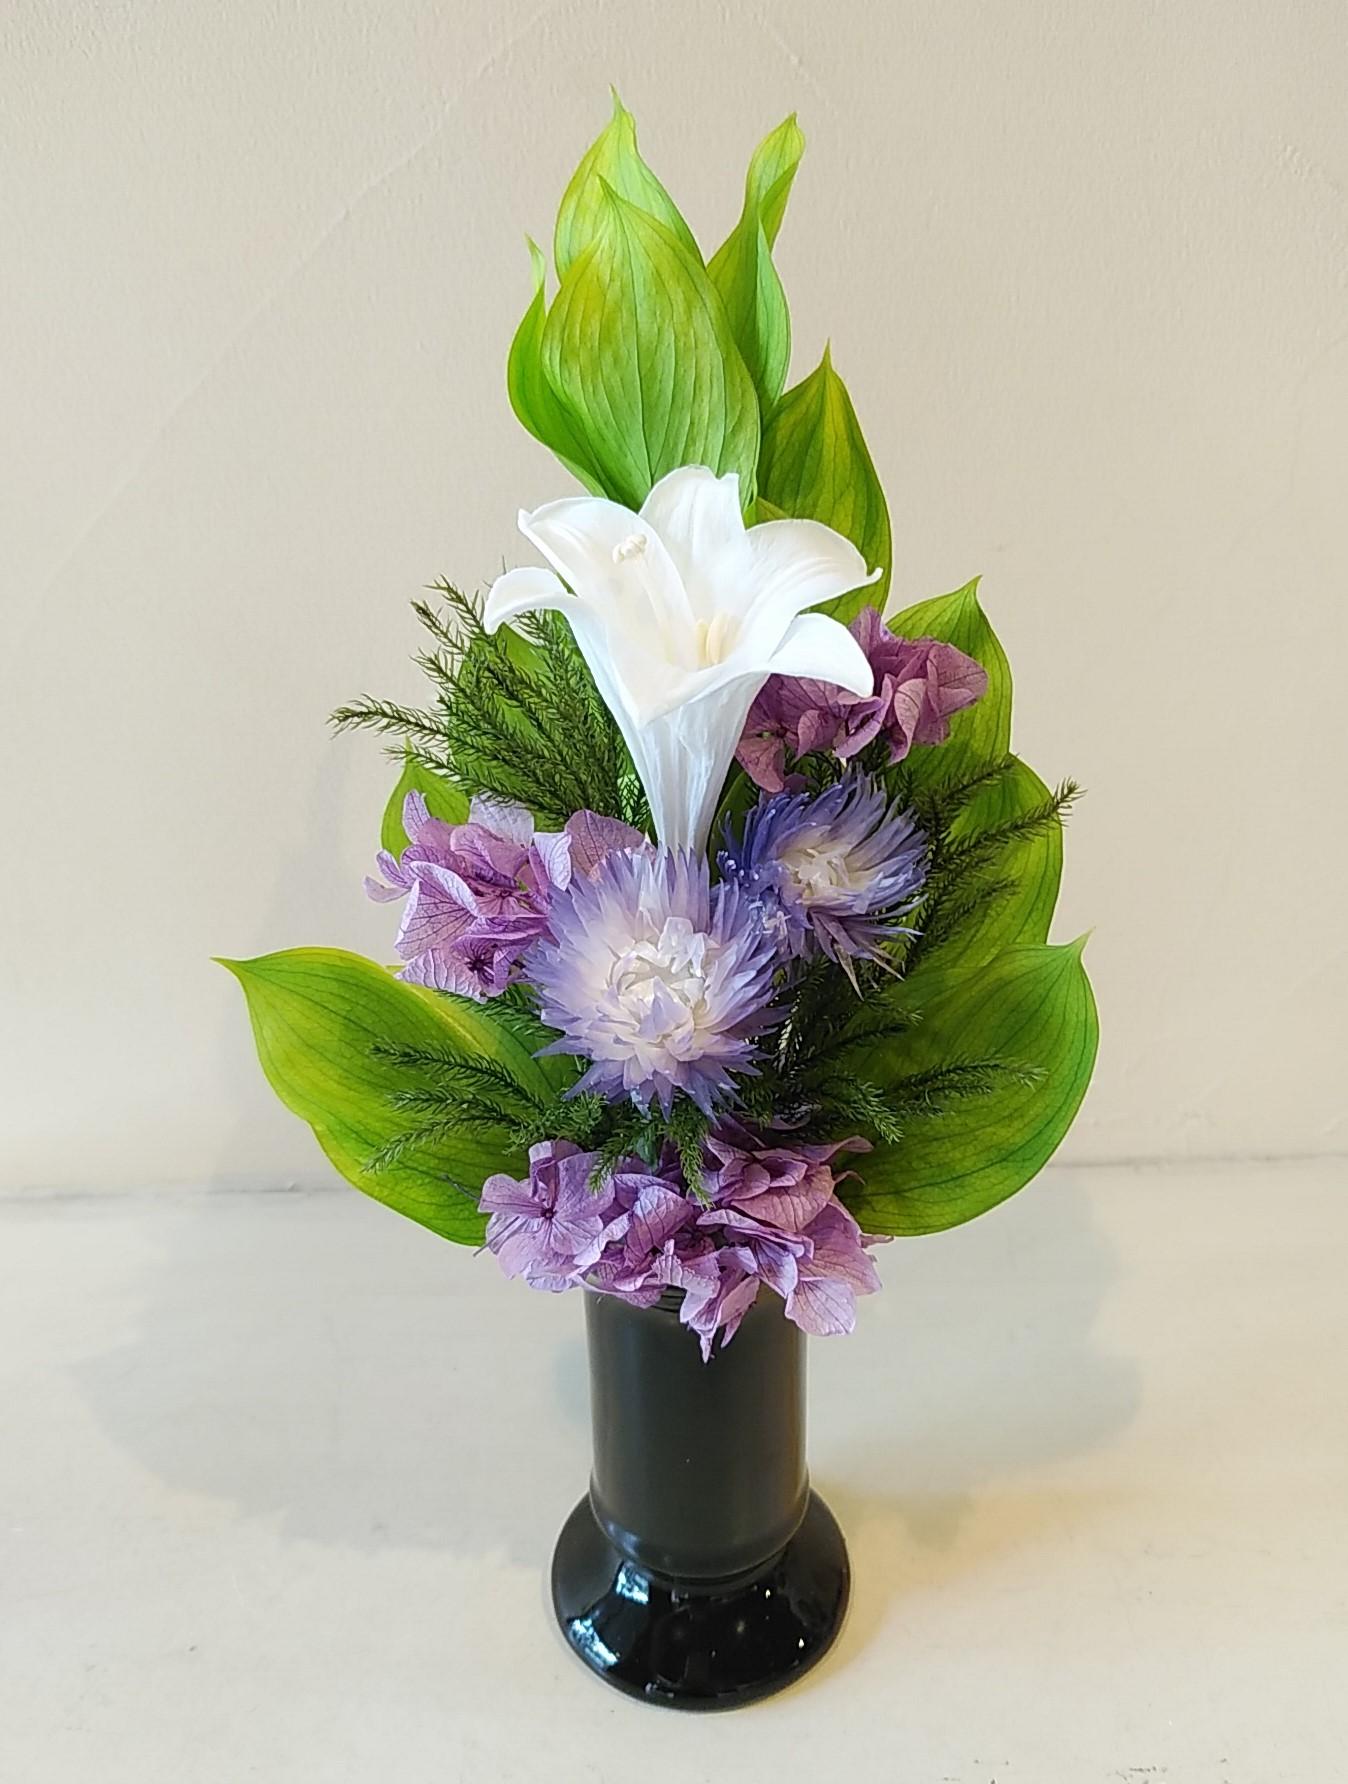 1DAY:プリザーブドフラワーでおしゃれな仏花を作ろう 20/04/07